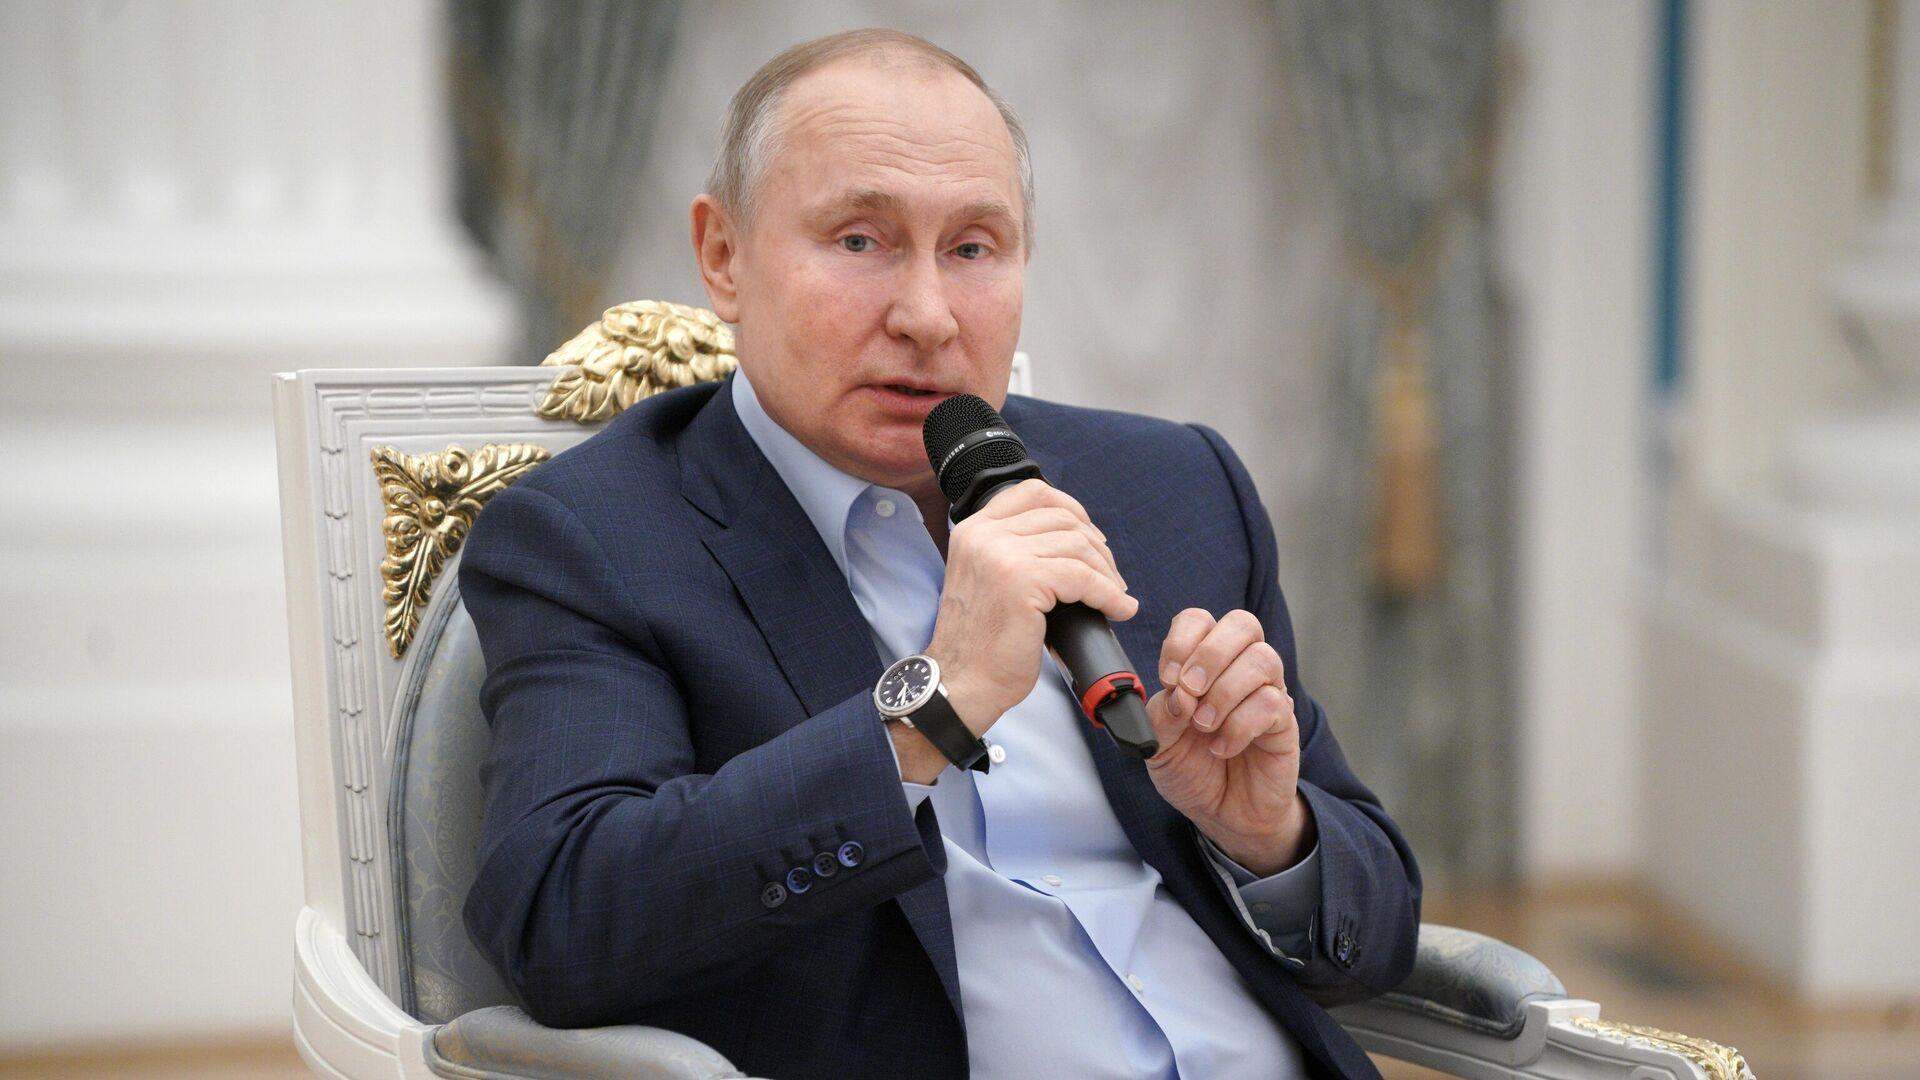 Президент РФ Владимир Путин проводит встречу с участниками общероссийской акции взаимопомощи Мы вместе в Кремле - РИА Новости, 1920, 04.03.2021